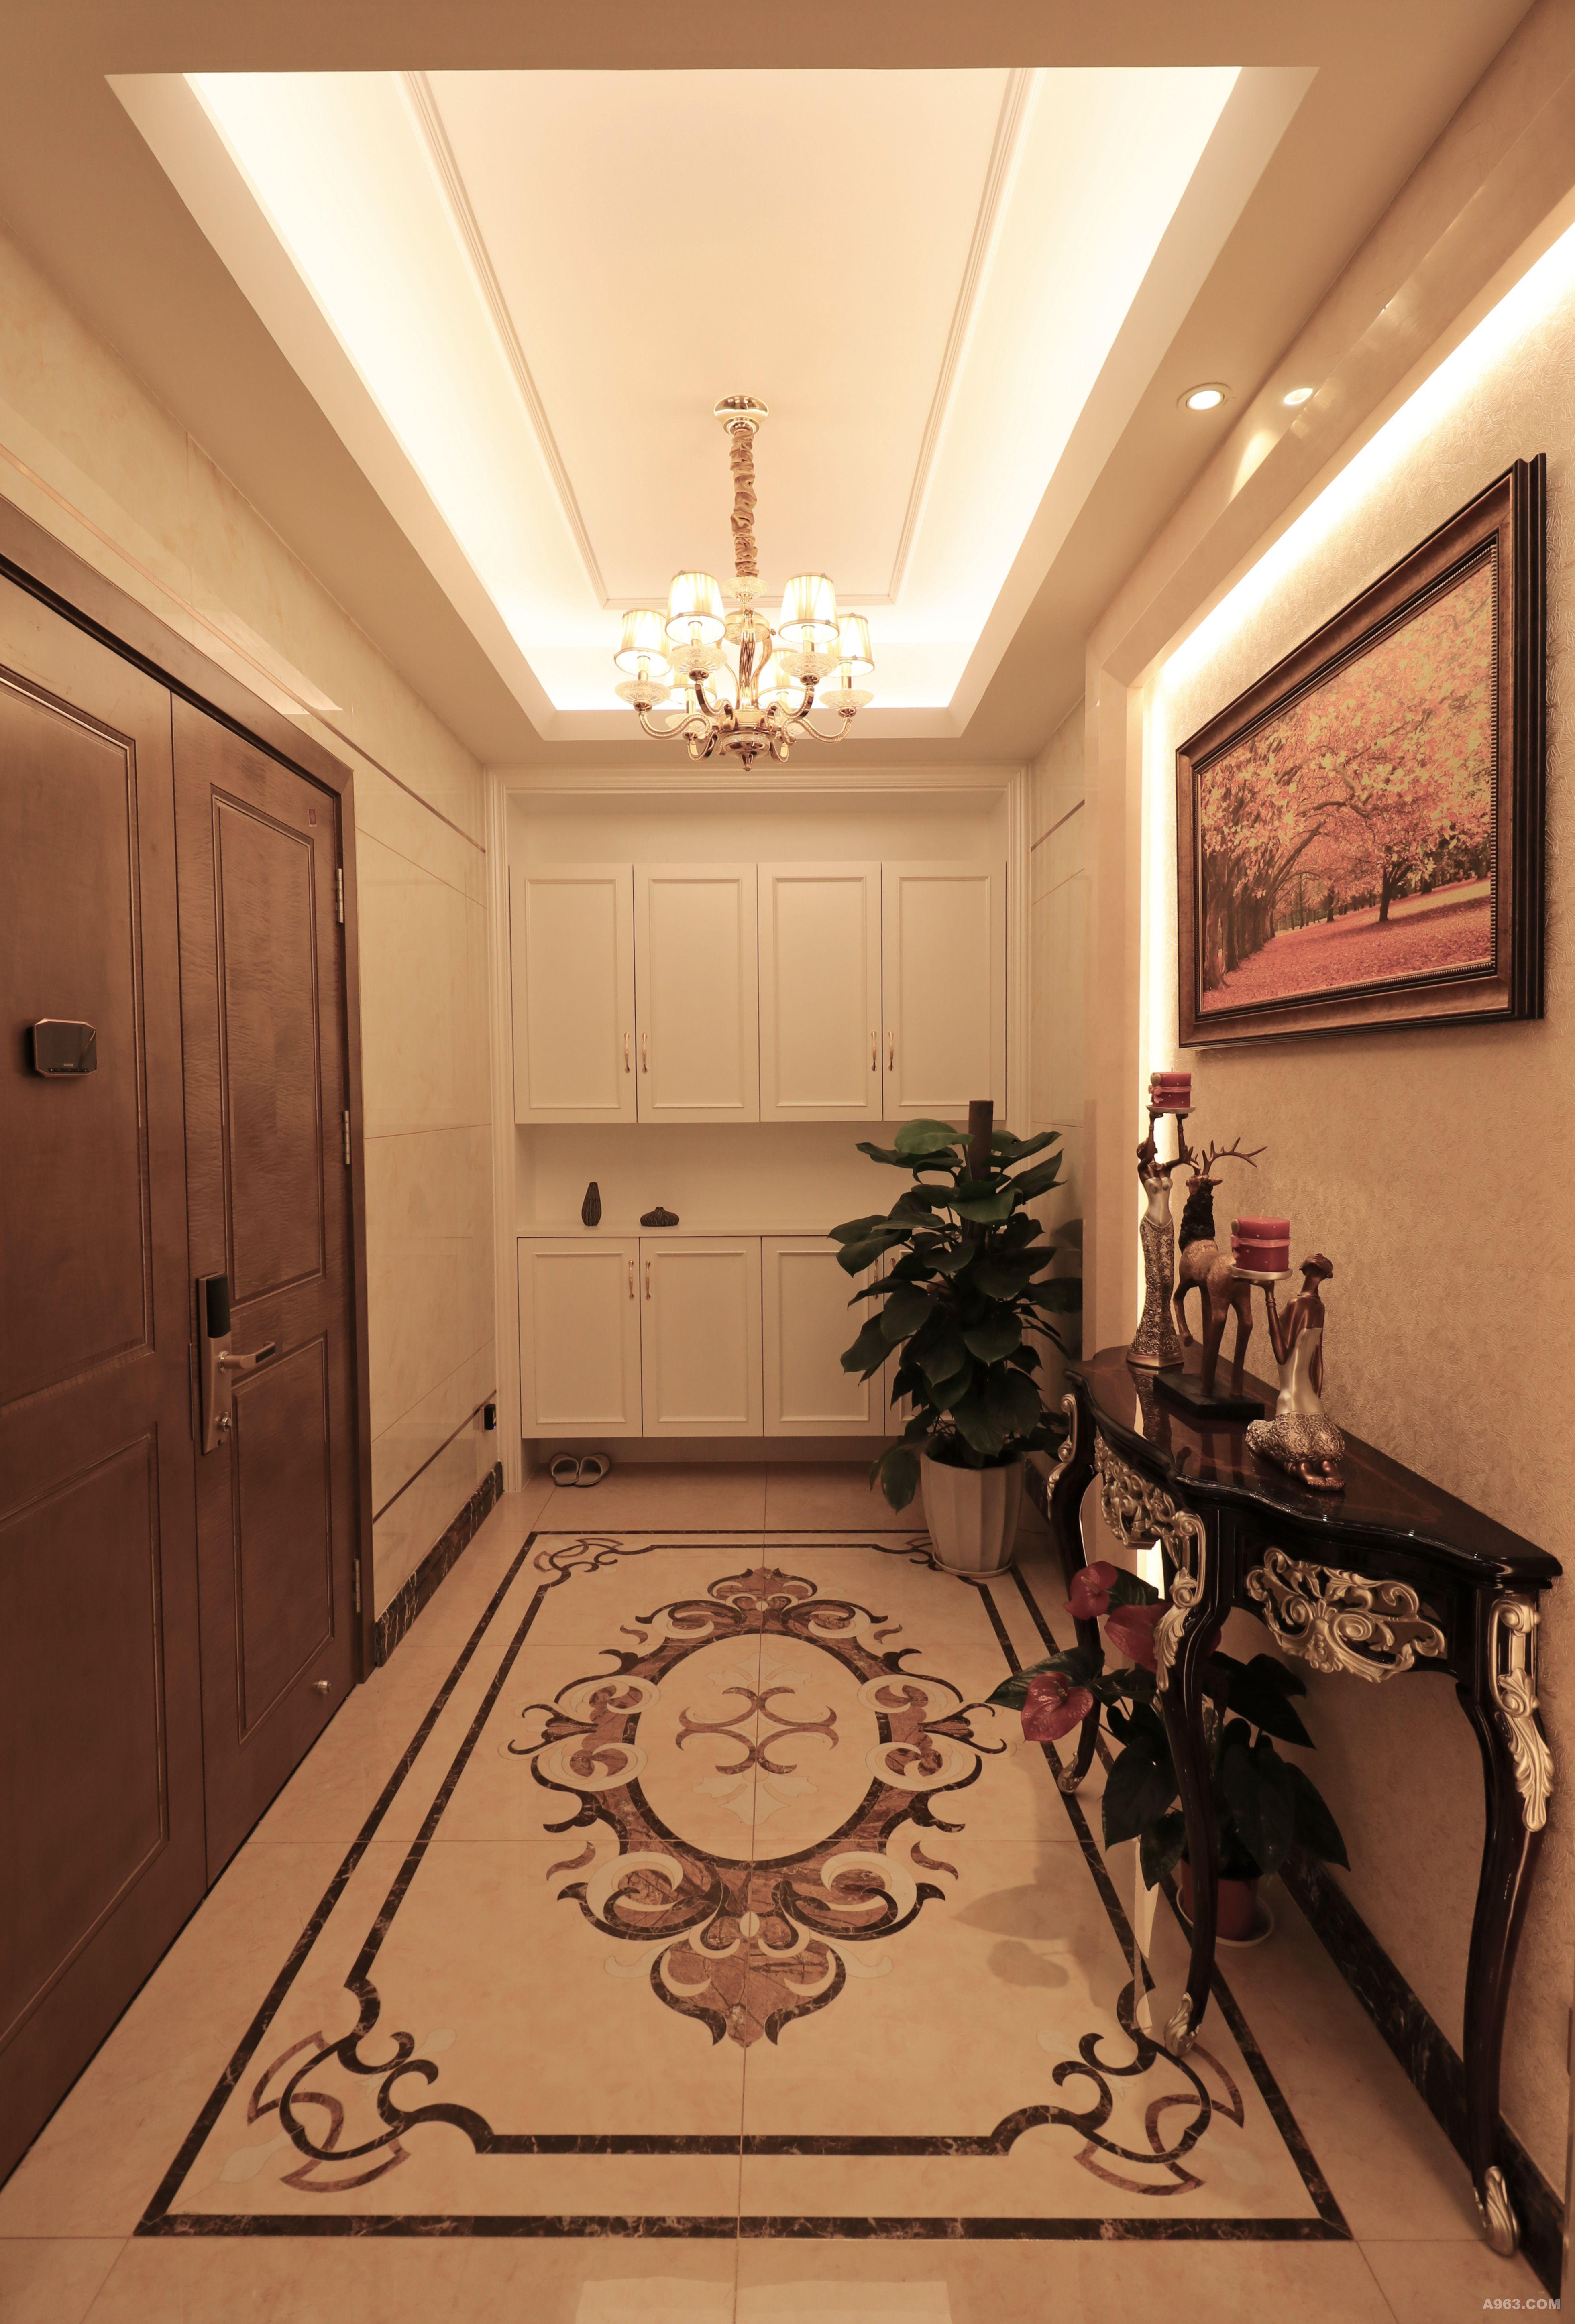 本次设计方案以白色调为主, 客厅沙发与电视背景应用大理石线条,微晶